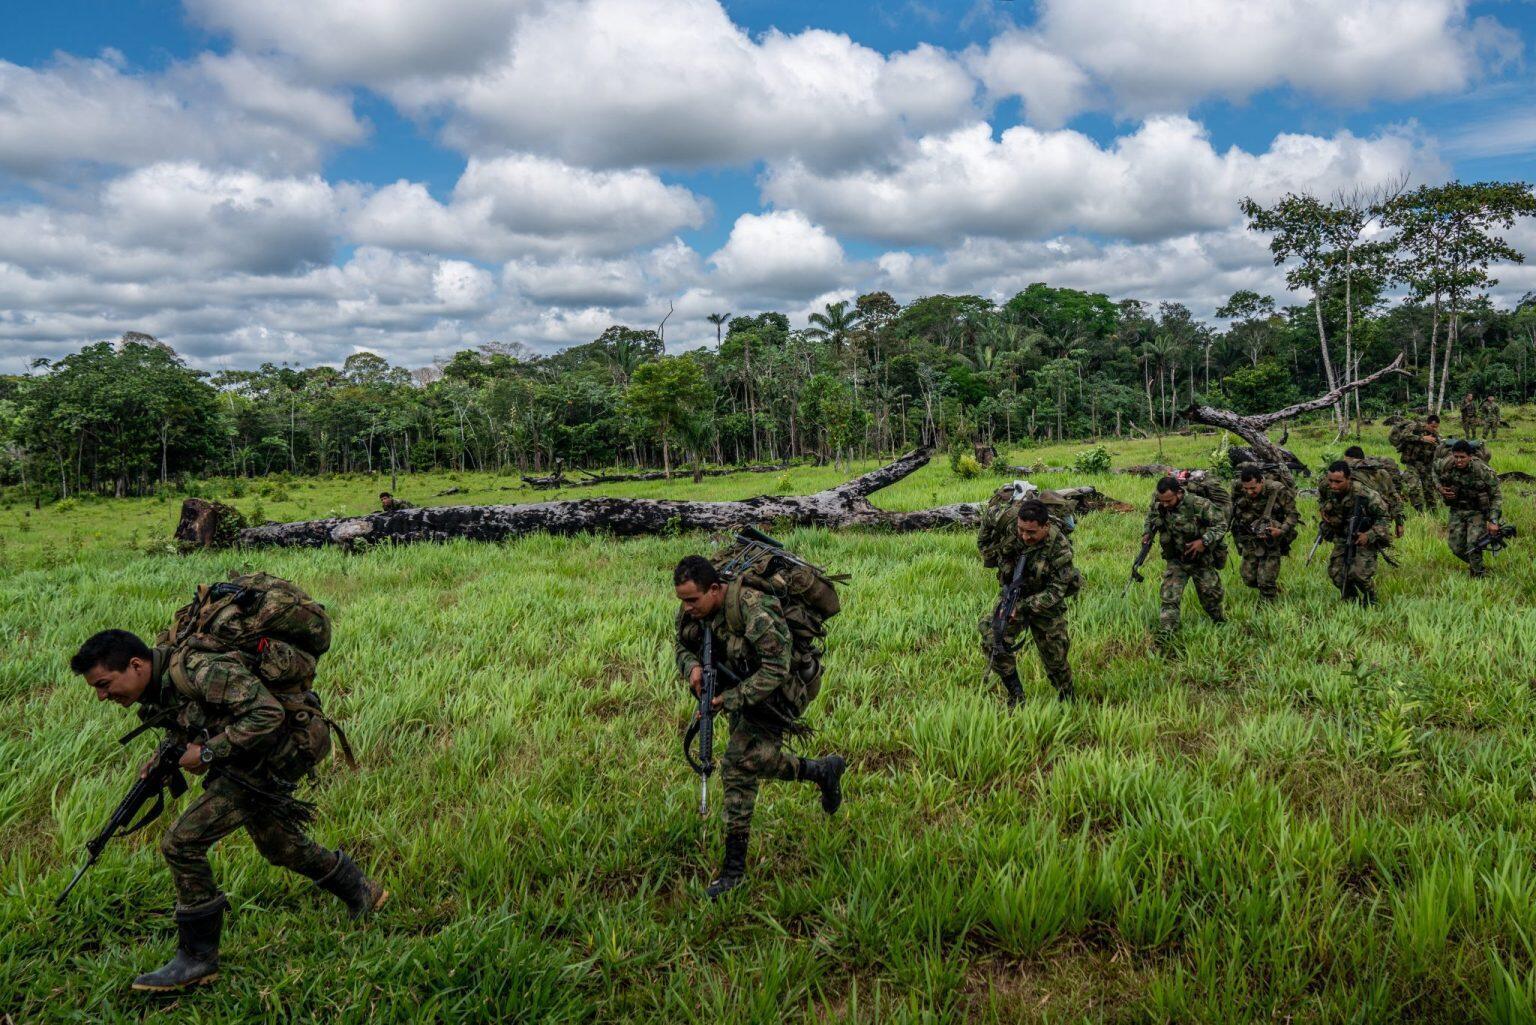 Un grupo de militares aborda un helicóptero tras meses en la selva combatiendo la deforestación en el marco de la Operación Artemisa. Sin embargo, a pesar de los esfuerzos del Gobierno, la cifra de deforestación en Colombia ha crecido exponencialmente durante los últimos tres años en los que cada día más hectáreas de selva ceden su lugar a la ganadería extensiva y los cultivos de coca. Fuentes oficiales calculan que unas 200.000 hectáreas de bosque se deforestan cada año en Colombia, cerca del 70% en la Amazonía. Los departamentos más afectados de la región son Caquetá, Guaviare y Meta. Dos de los municipios de Caquetá donde se hizo el reportaje, San Vicente del Caguán y La Macarena, concentraron una quinta parte de la deforestación a nivel nacional en 2018, según el Ideam. aunque la deforestación se redujo parcialmente en ese año, solo San Vicente perdió casi 20.000 hectáreas, un 10% del total nacional.